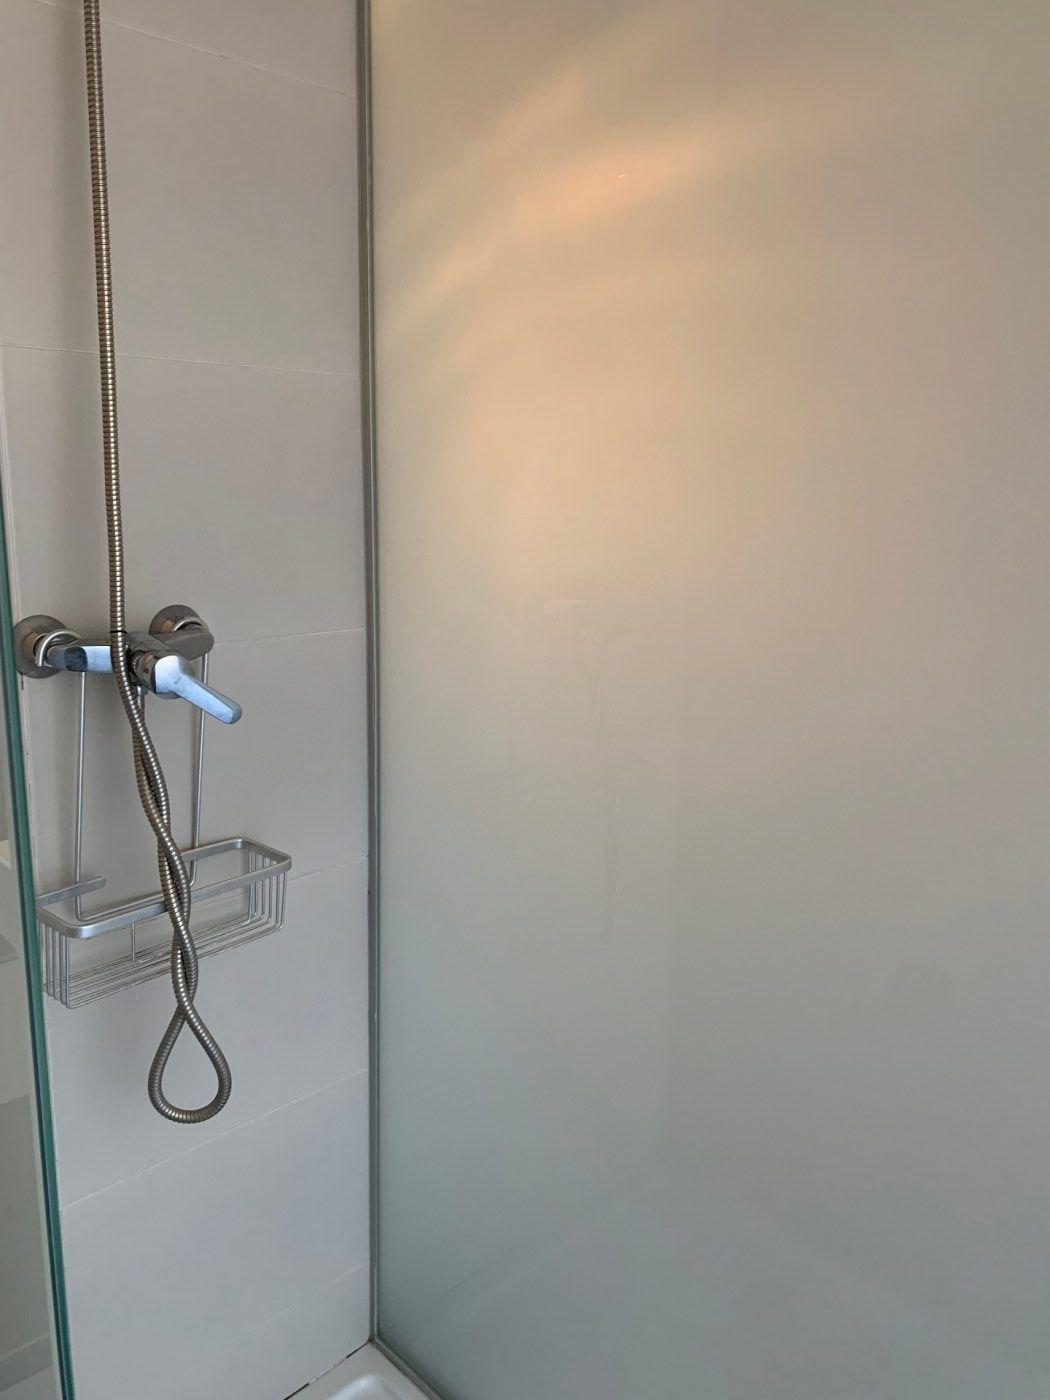 Venta o alquiler de piso en madrid - imagenInmueble19